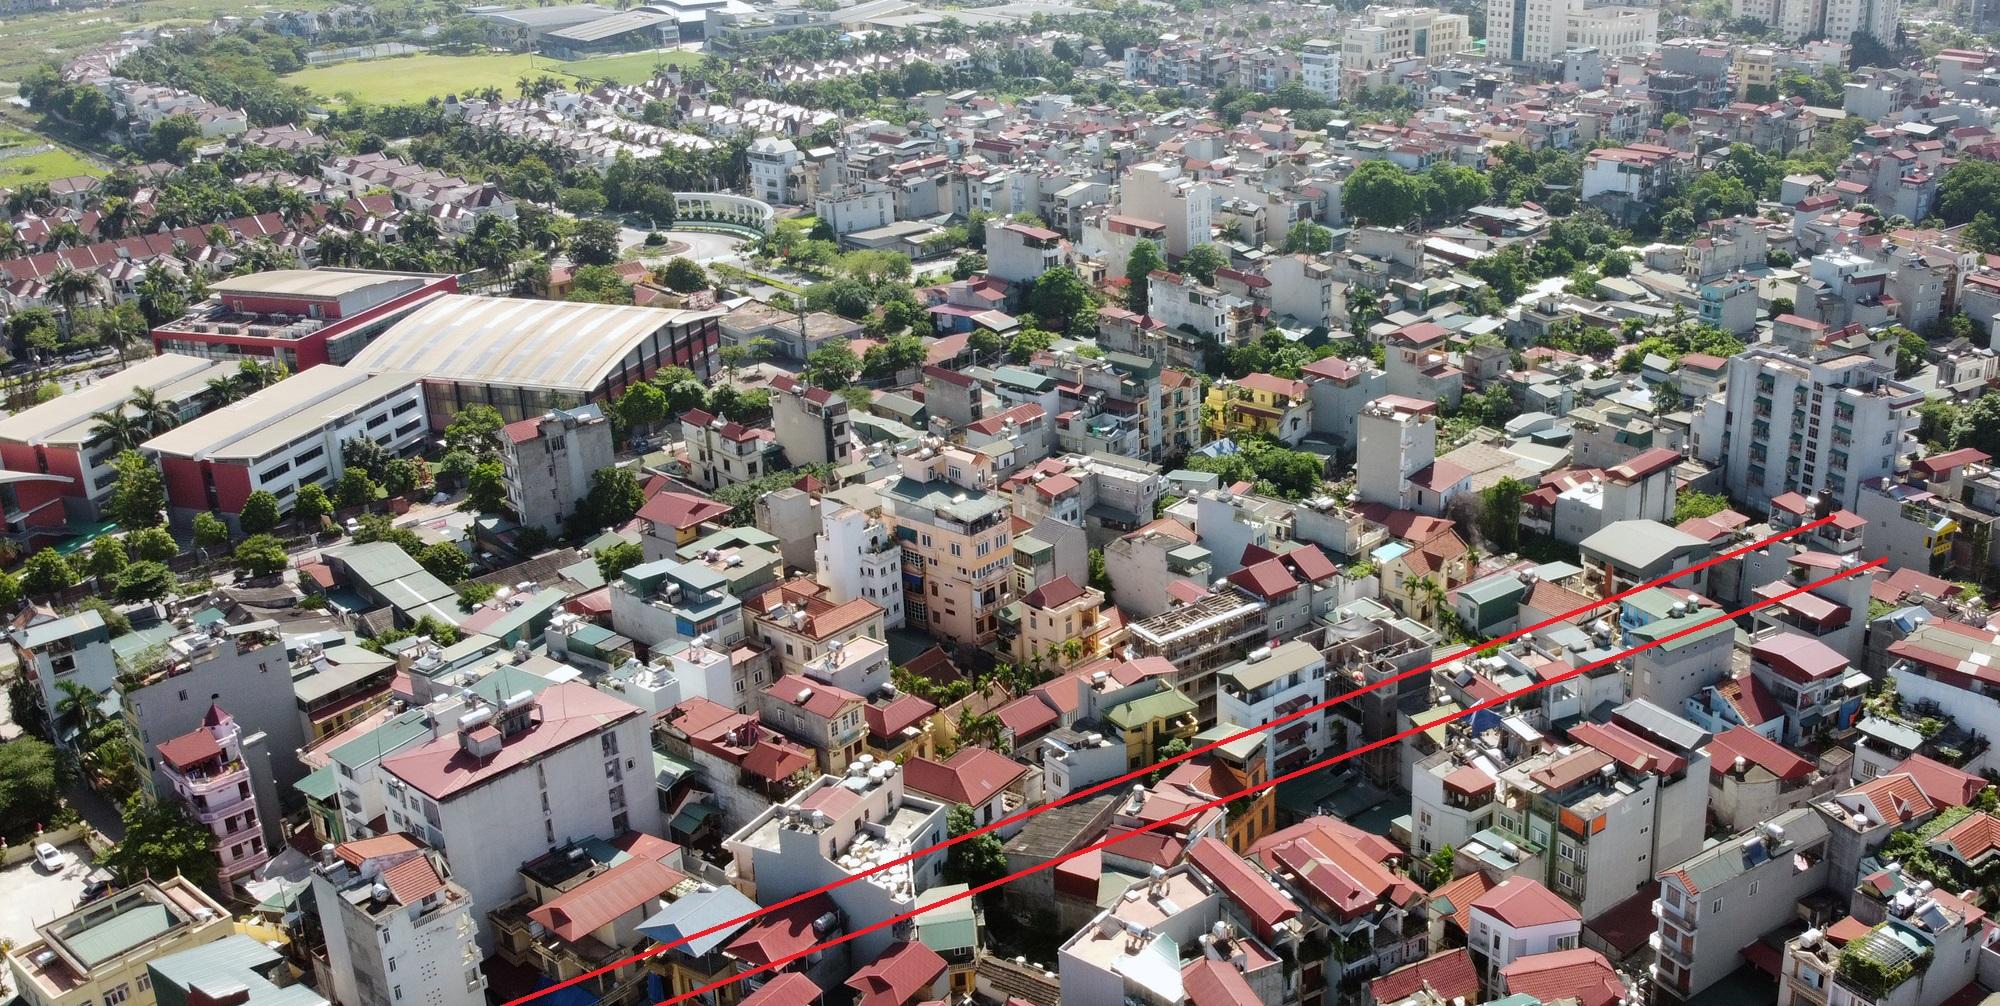 3 đường sẽ mở theo qui hoạch ở phường Xuân Tảo, Bắc Từ Liêm, Hà Nội - Ảnh 12.